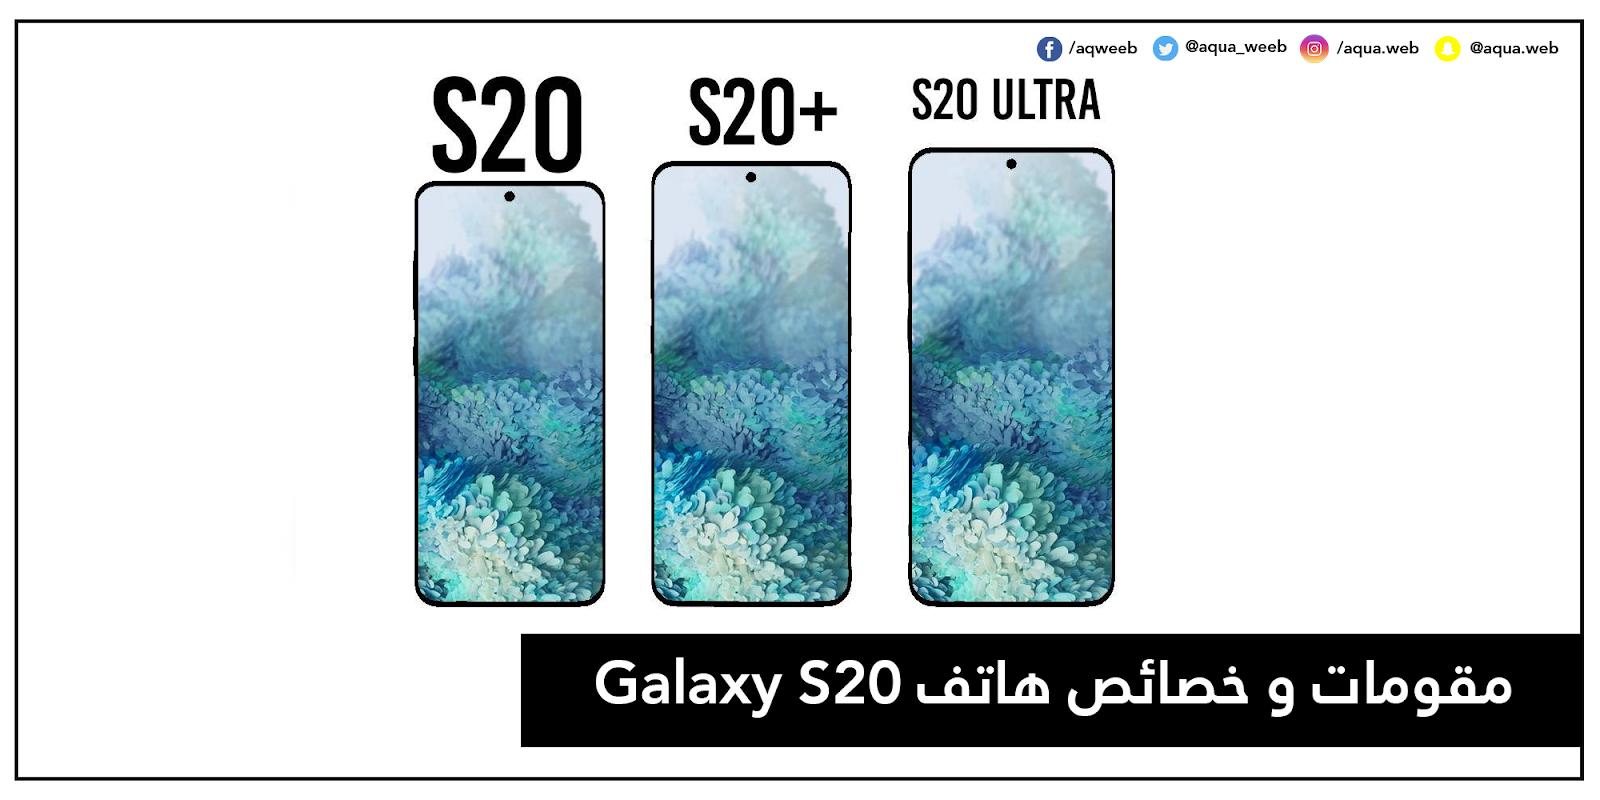 مقومات و خصائص هاتف Galaxy S20 Ultra و S20 Plus و S20 5G